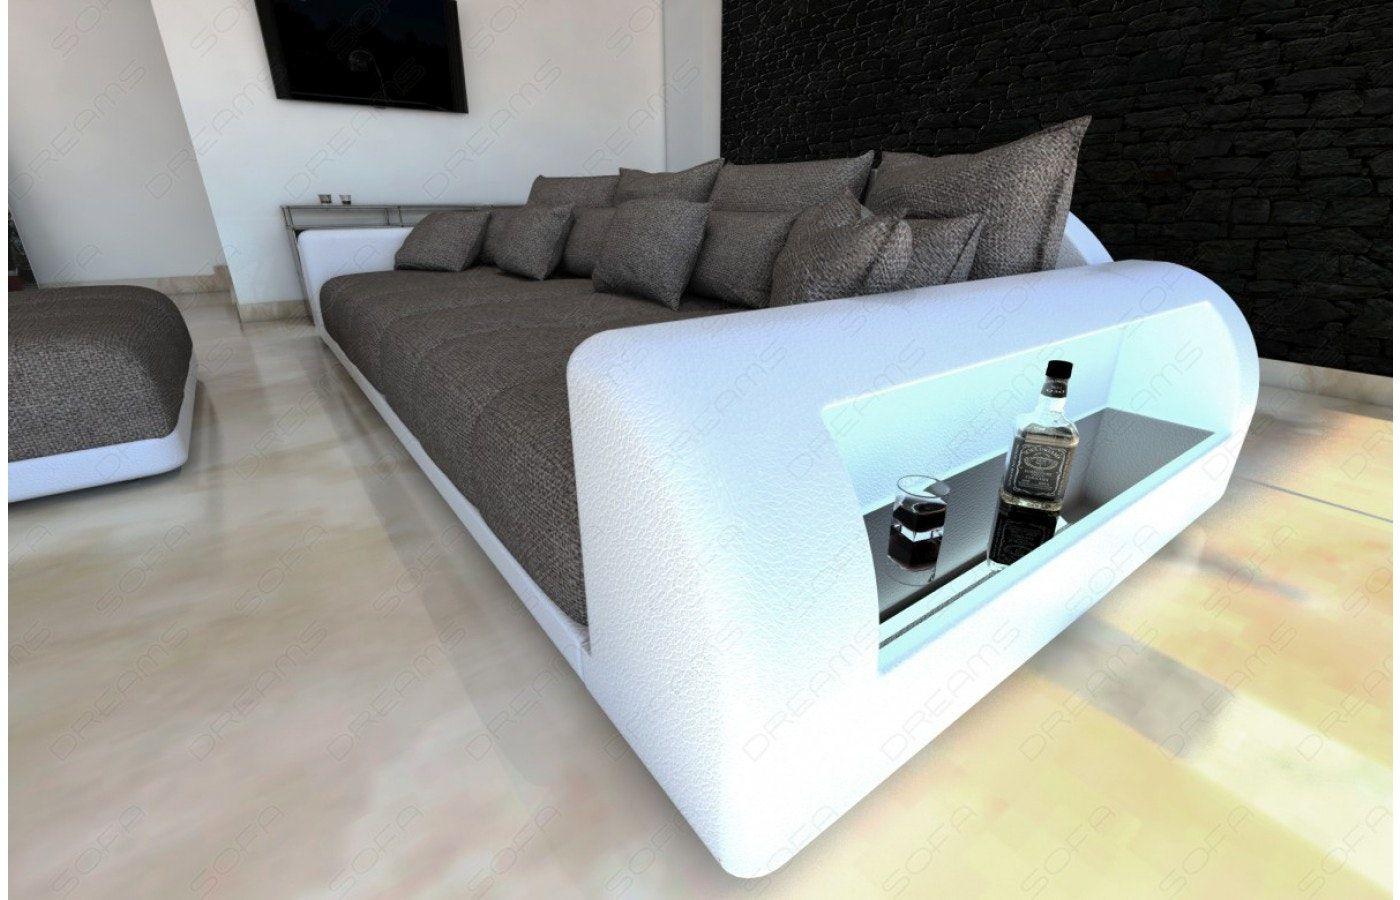 Tolle Himolla Polstermobel Katalog Zeitgenossisch Die Plus Perfekt Garten Aussen Wohnlandschaft Gunstig Kaufen Big Sofas Sofa Love Seat